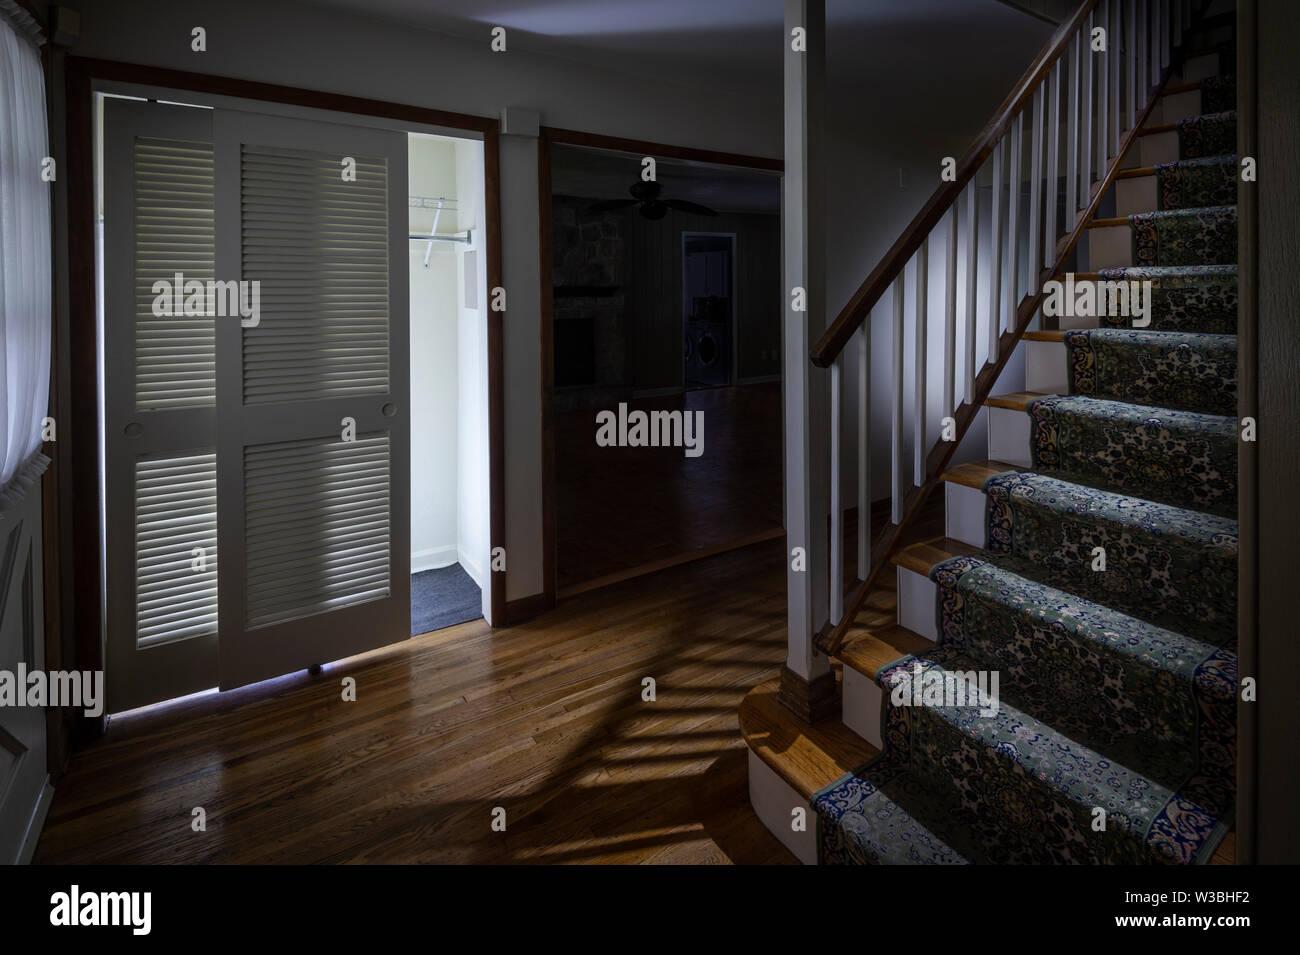 Escalofriante casa vacía con luces regulables Foto de stock